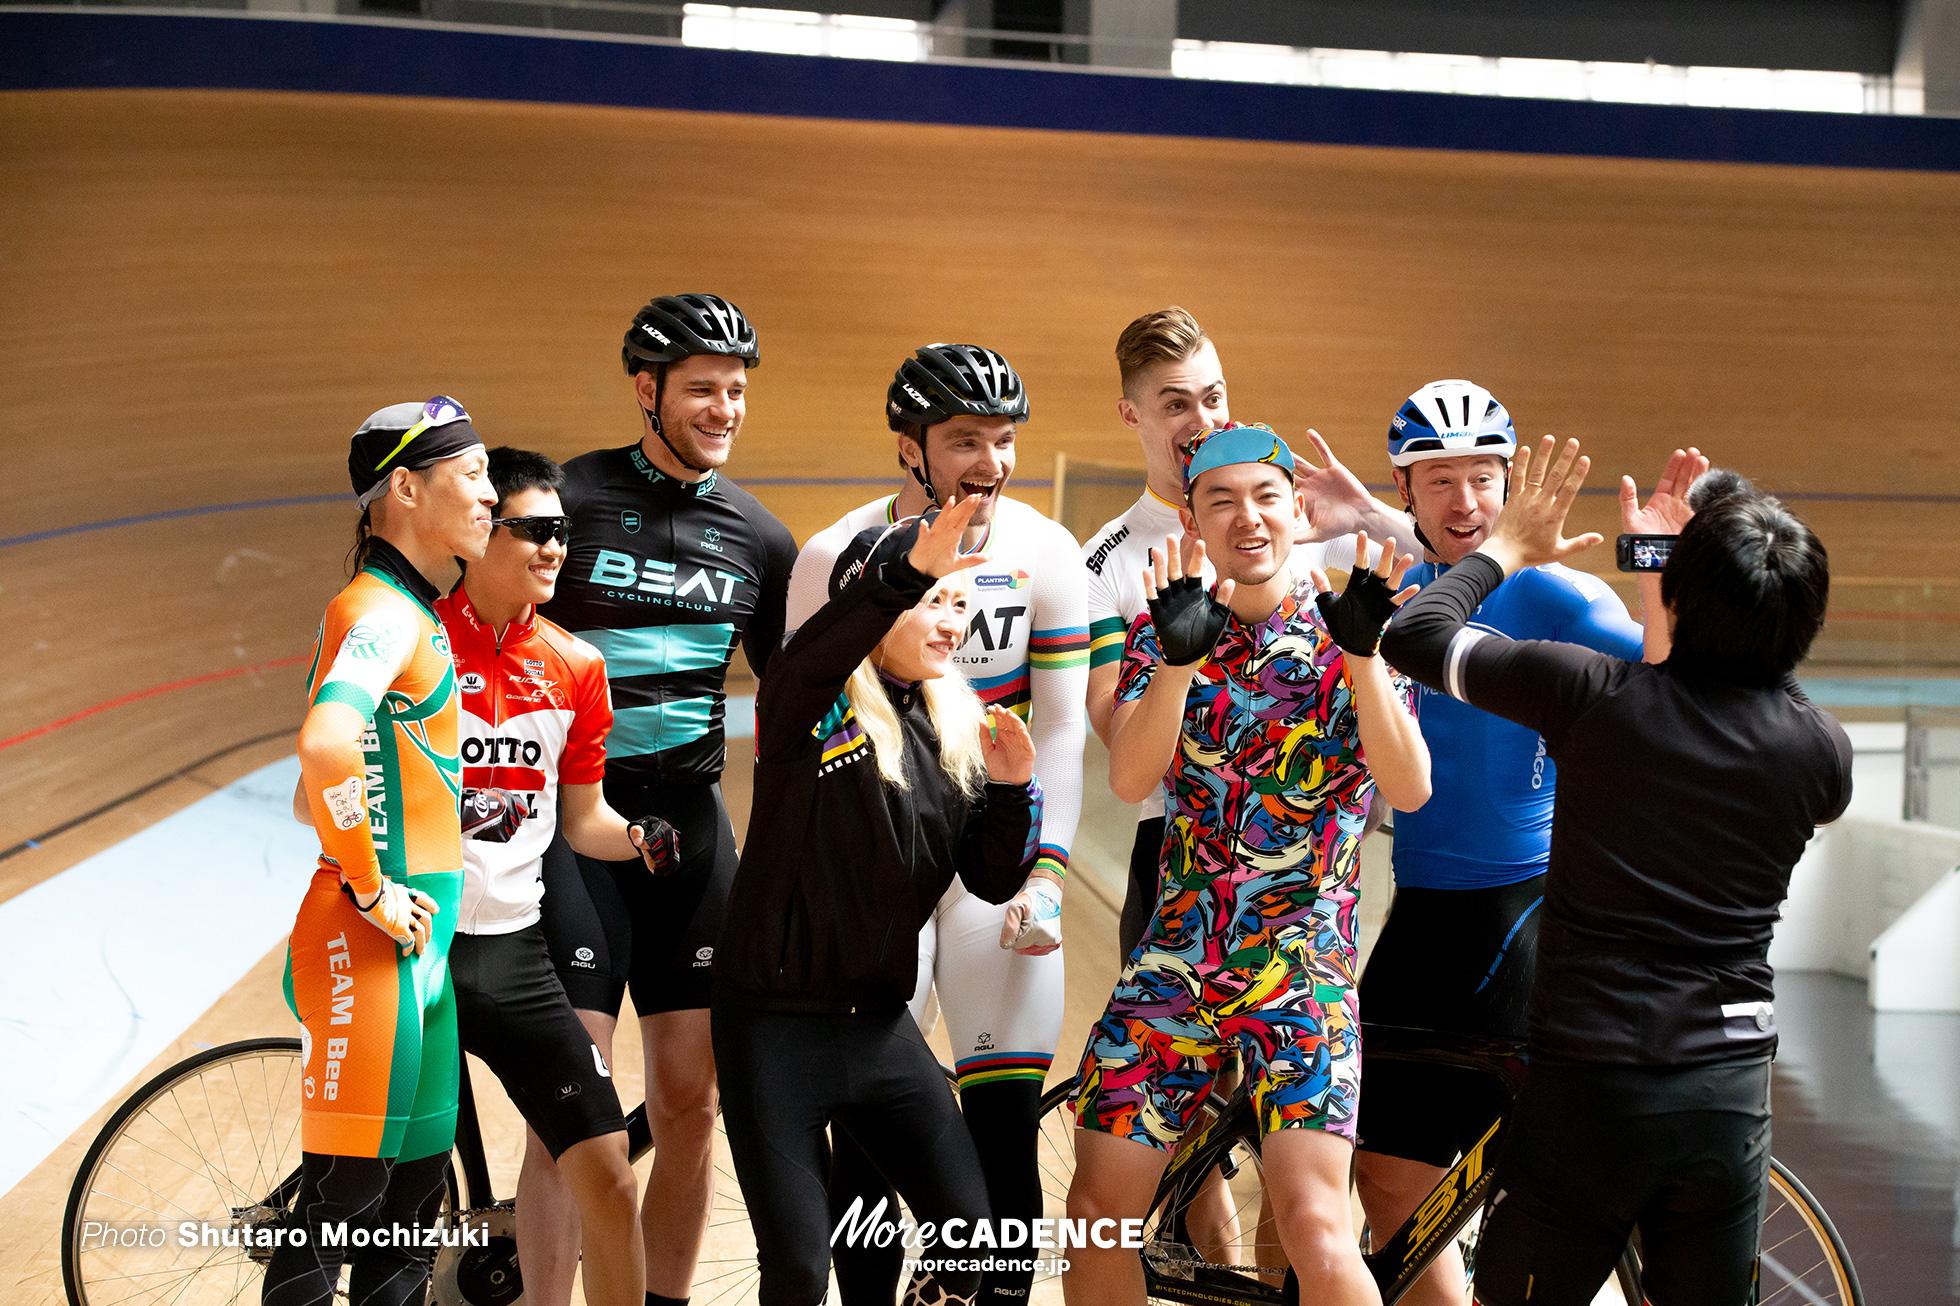 世界王者達と自転車系ユーチューバーが対決